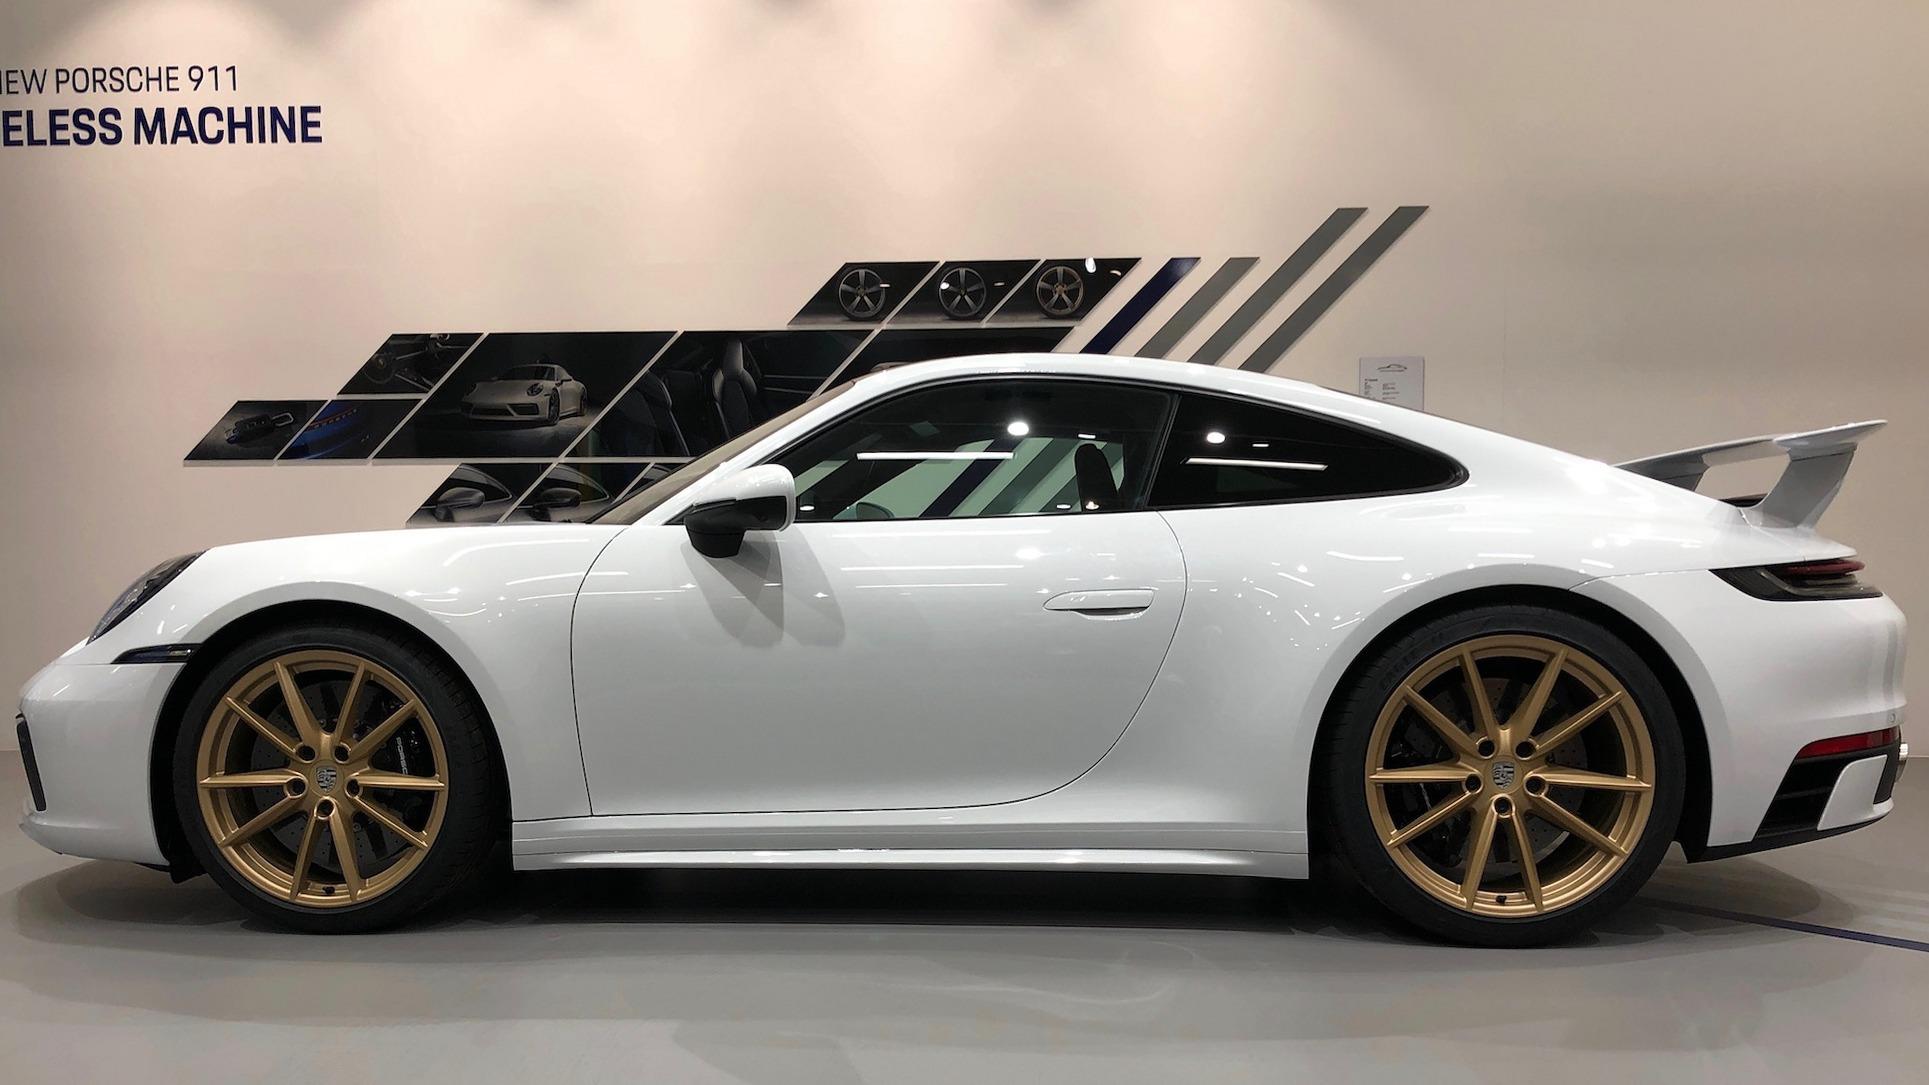 Porsche 911 Coupe SportDeign